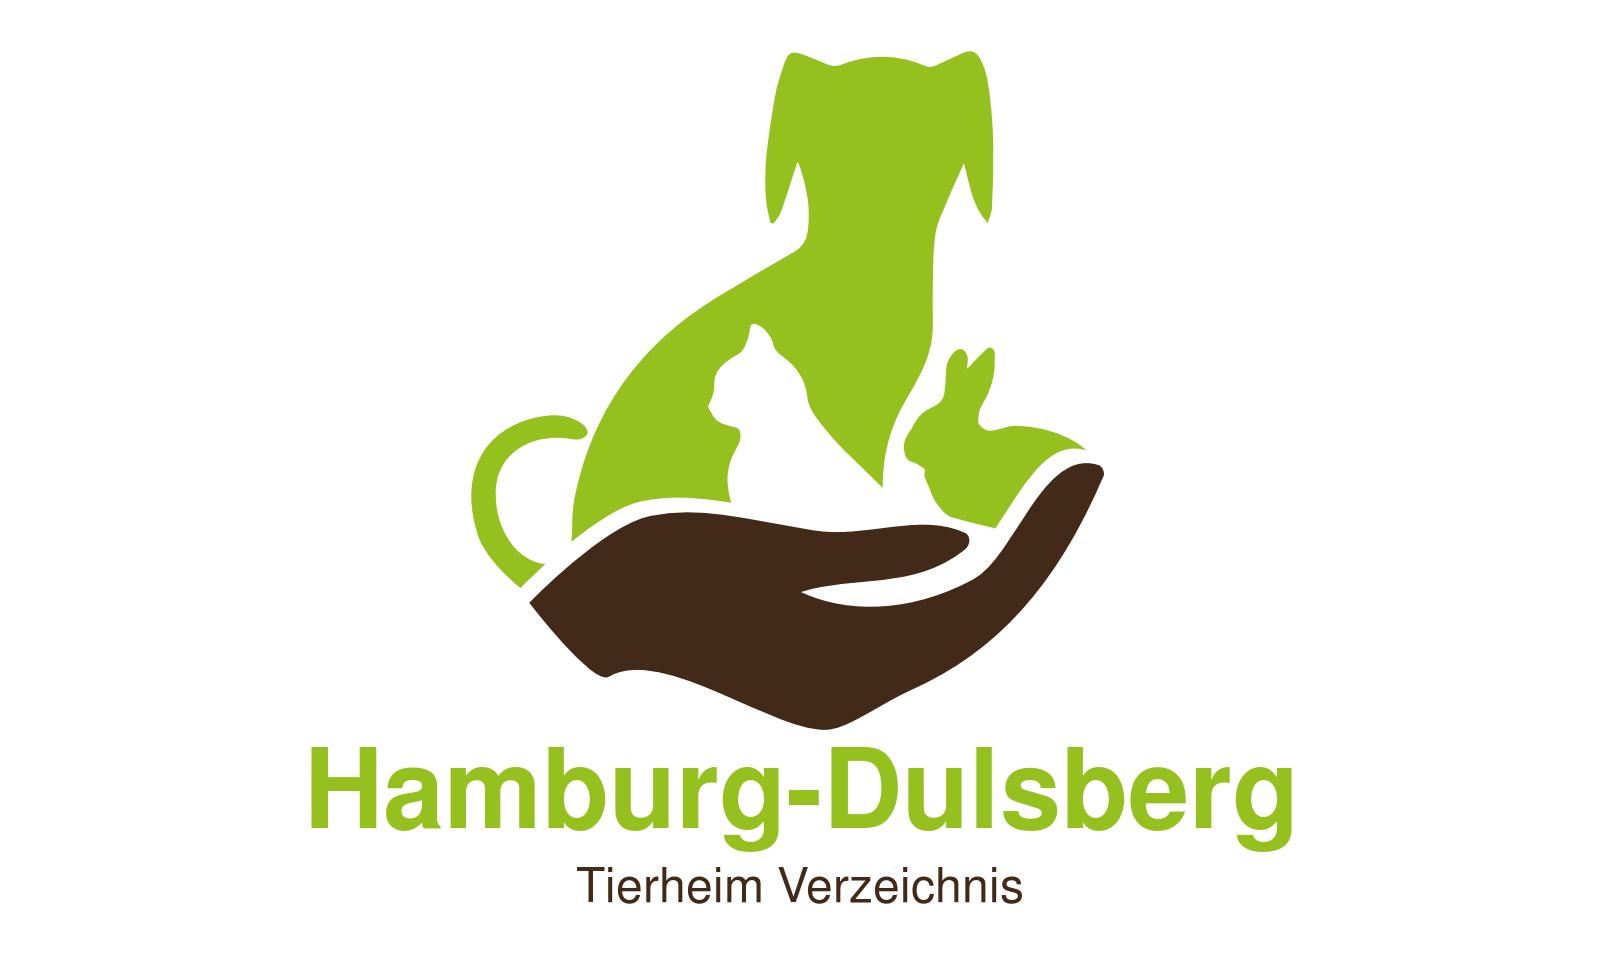 Tierheim Hamburg Dulsberg